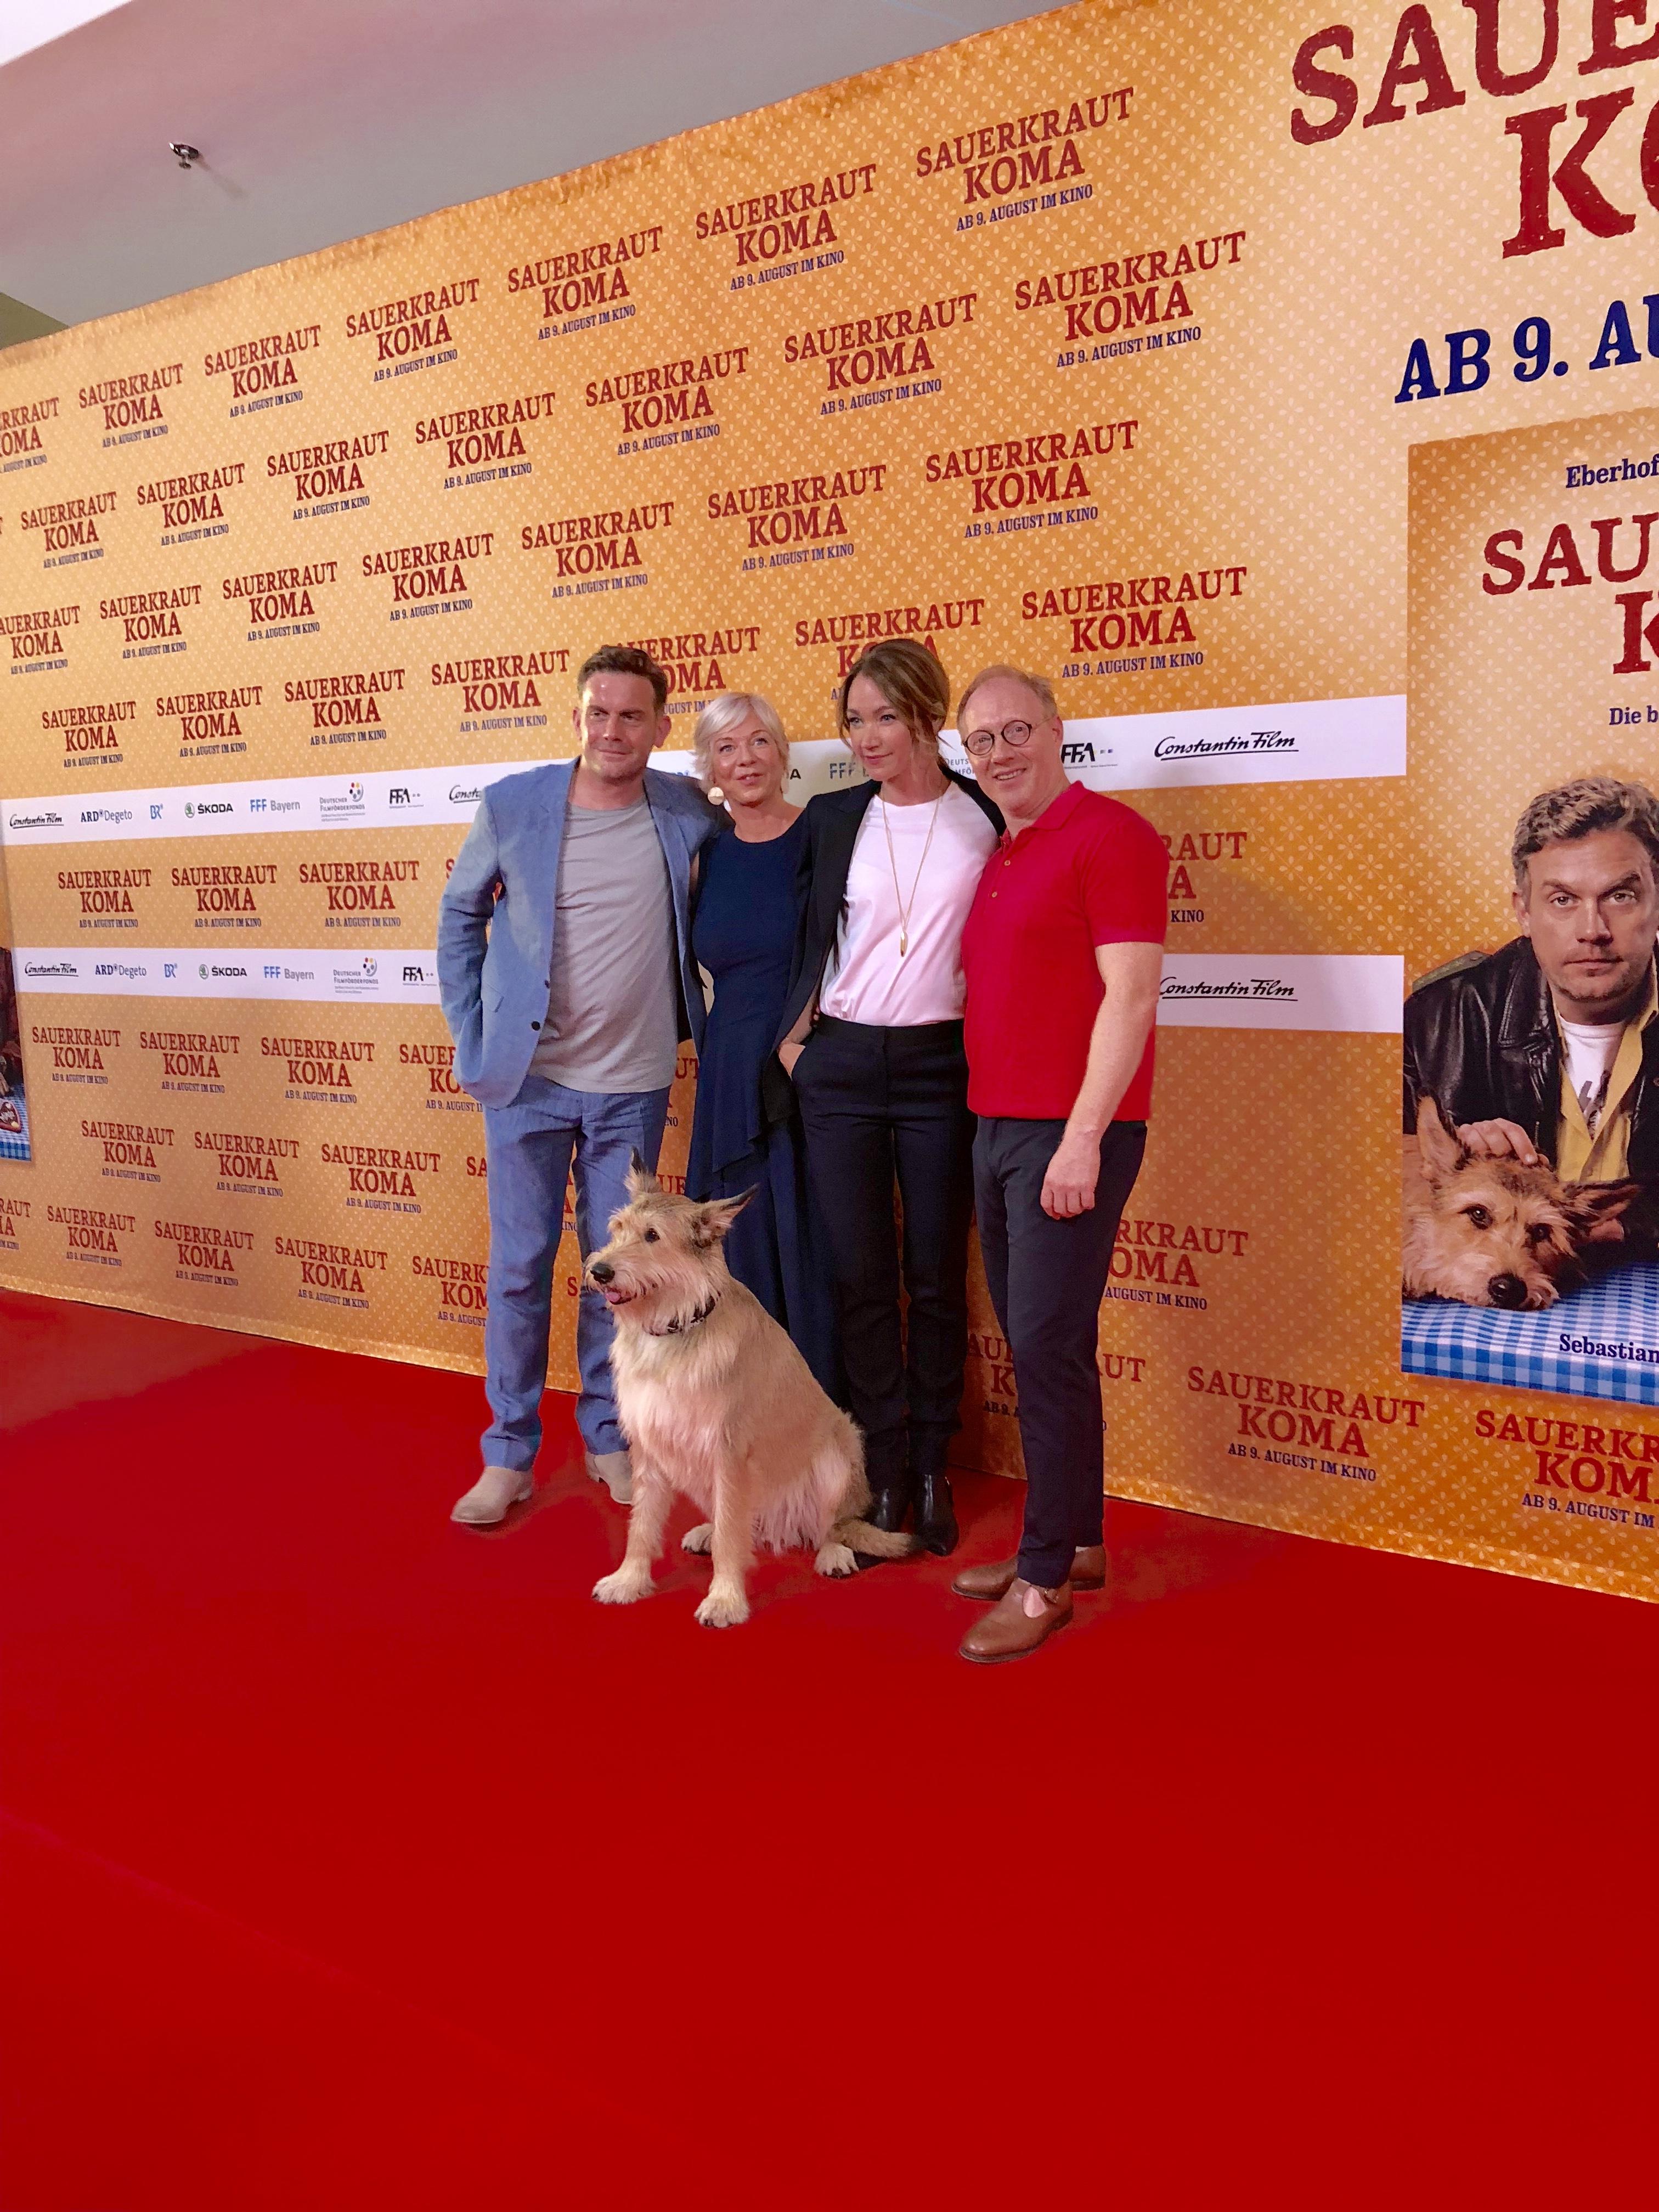 Die Stars von Sauerkrautkoma mit Autorin Rita Falk